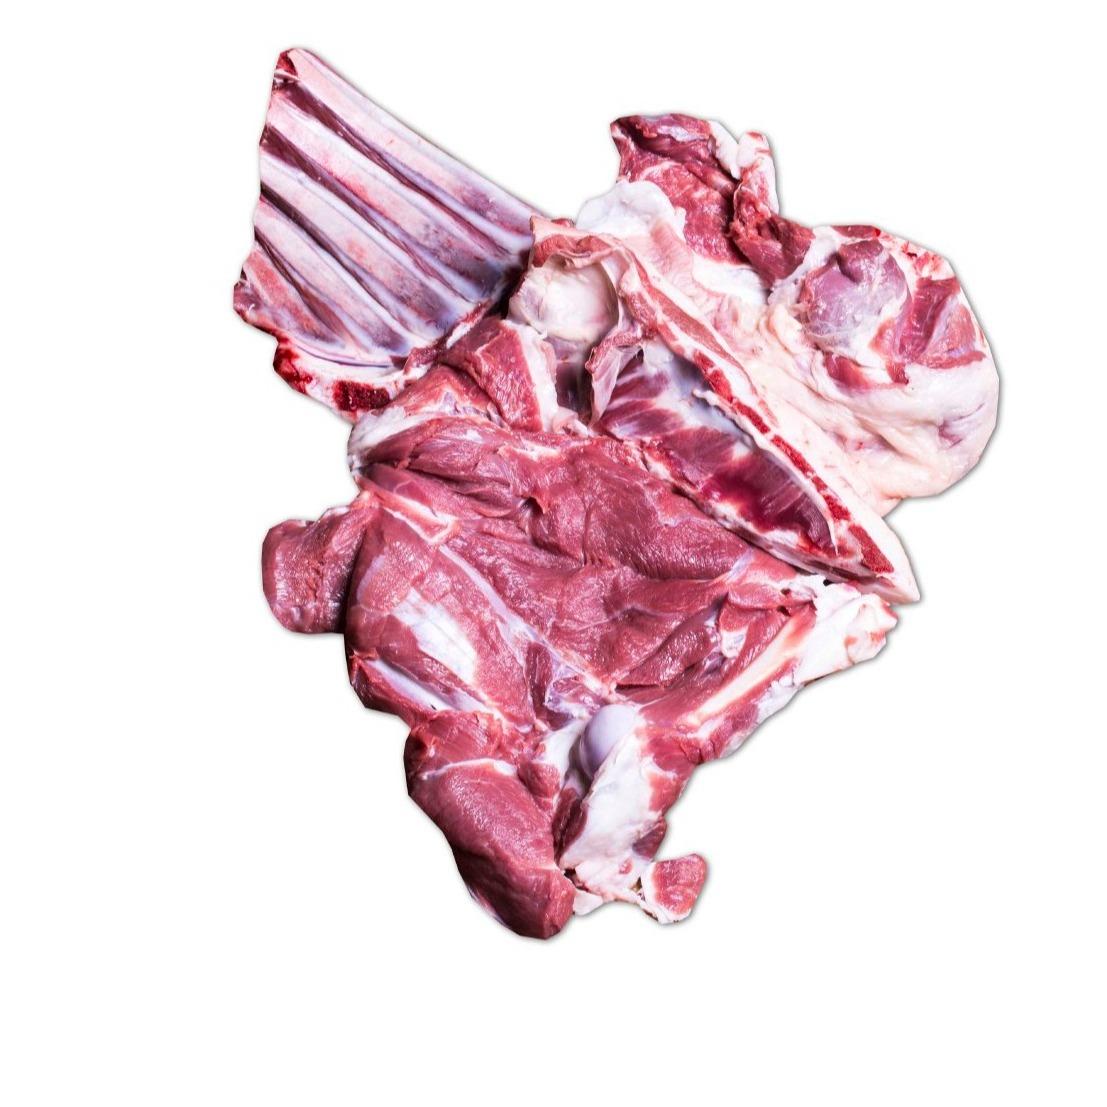 گوشت مخلوط گوسفندی (کهره)